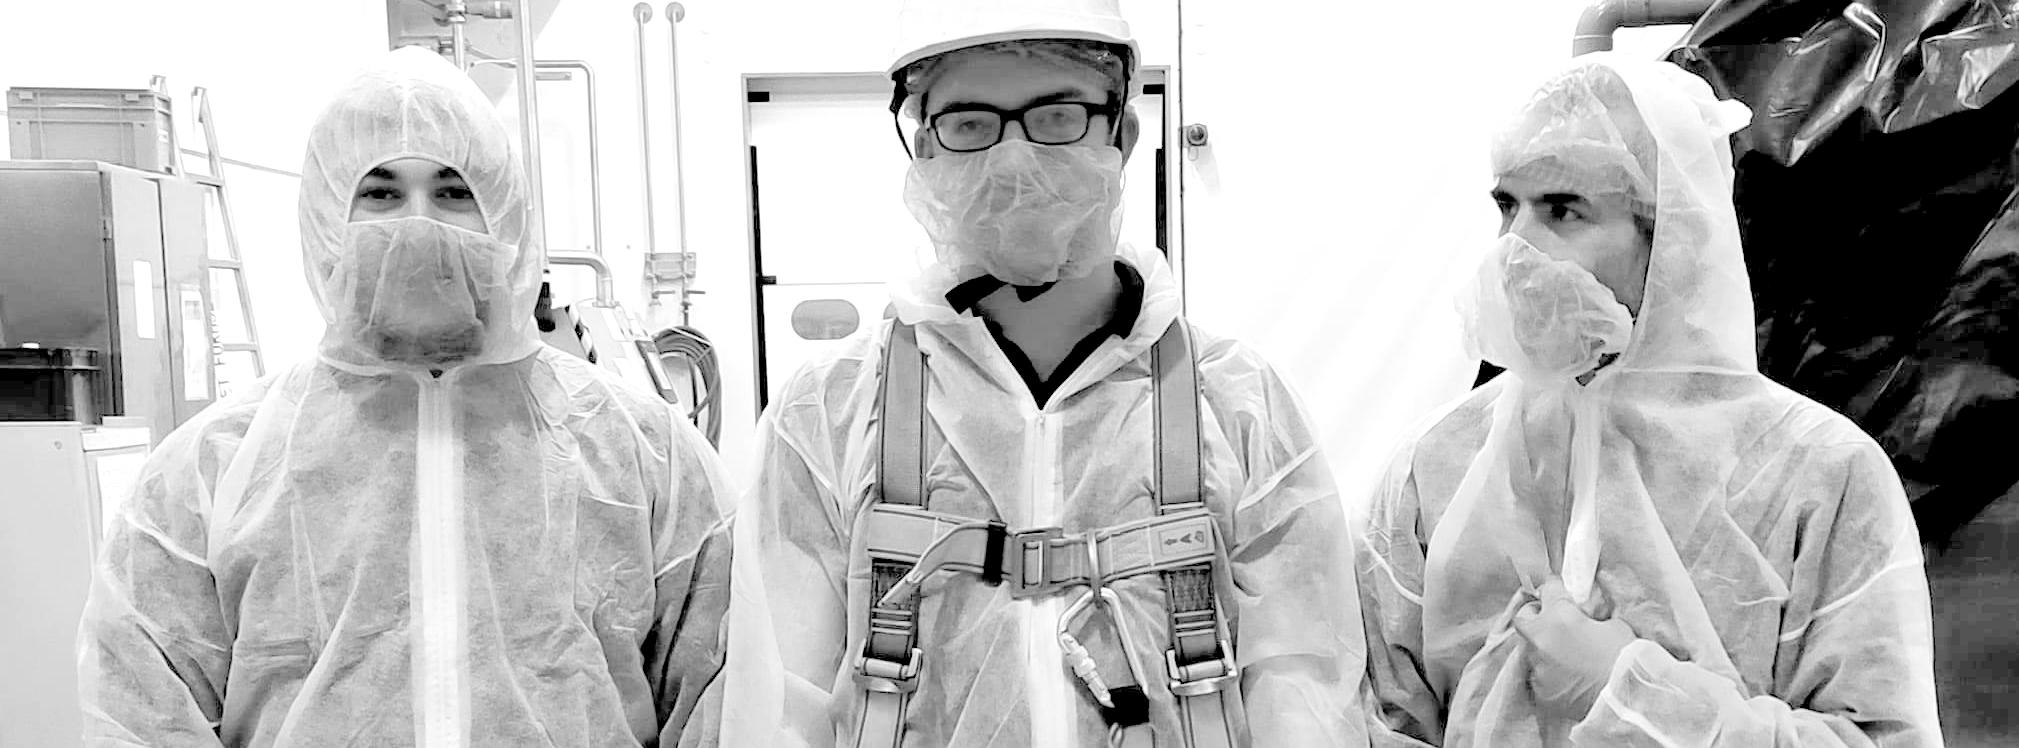 Nettoyage et désinfection coronavirus - locaux industriel